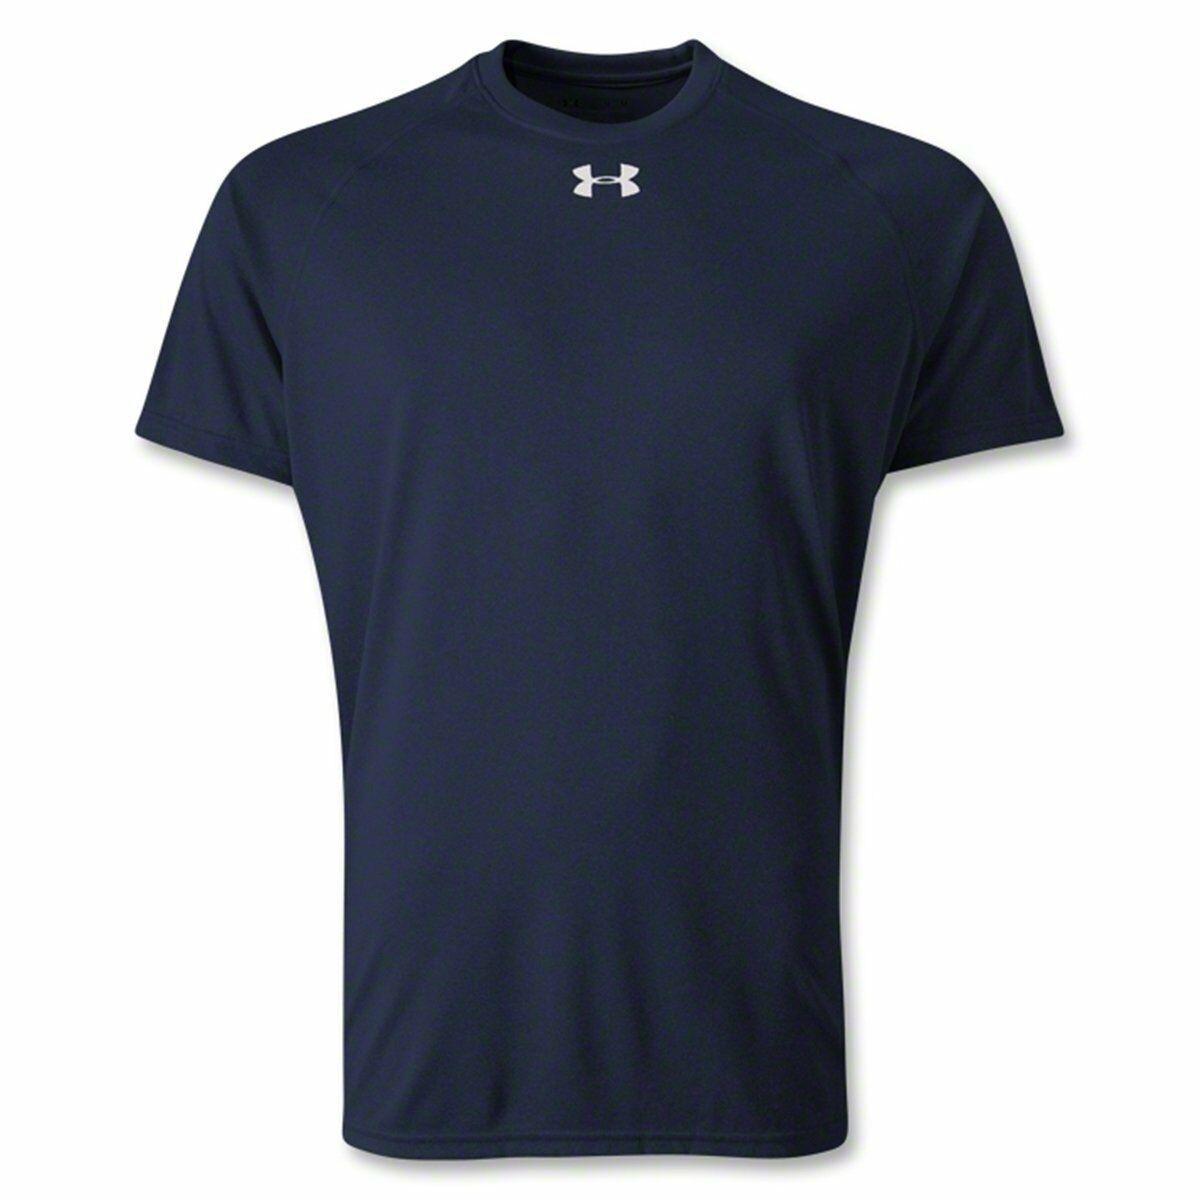 NEW Under Armour Men's UA Heat Gear Tech Short Sleeve Training T-Shirt Large